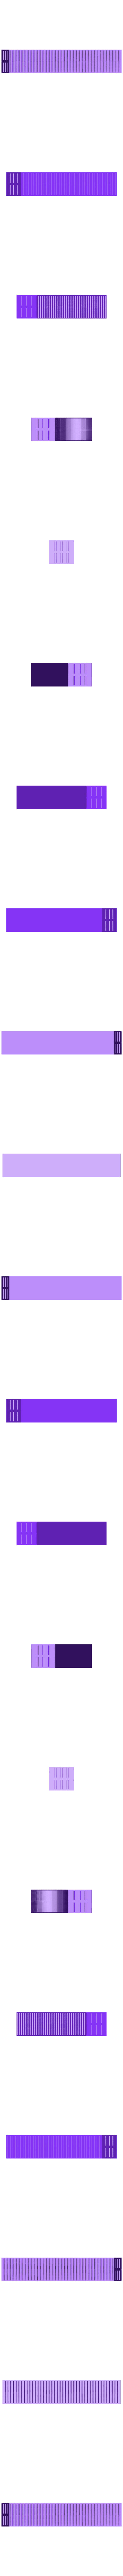 Cargo_Container_40_ft_Std.stl Télécharger fichier STL gratuit Cargo Container Set (Échelle N) • Modèle à imprimer en 3D, MFouillard